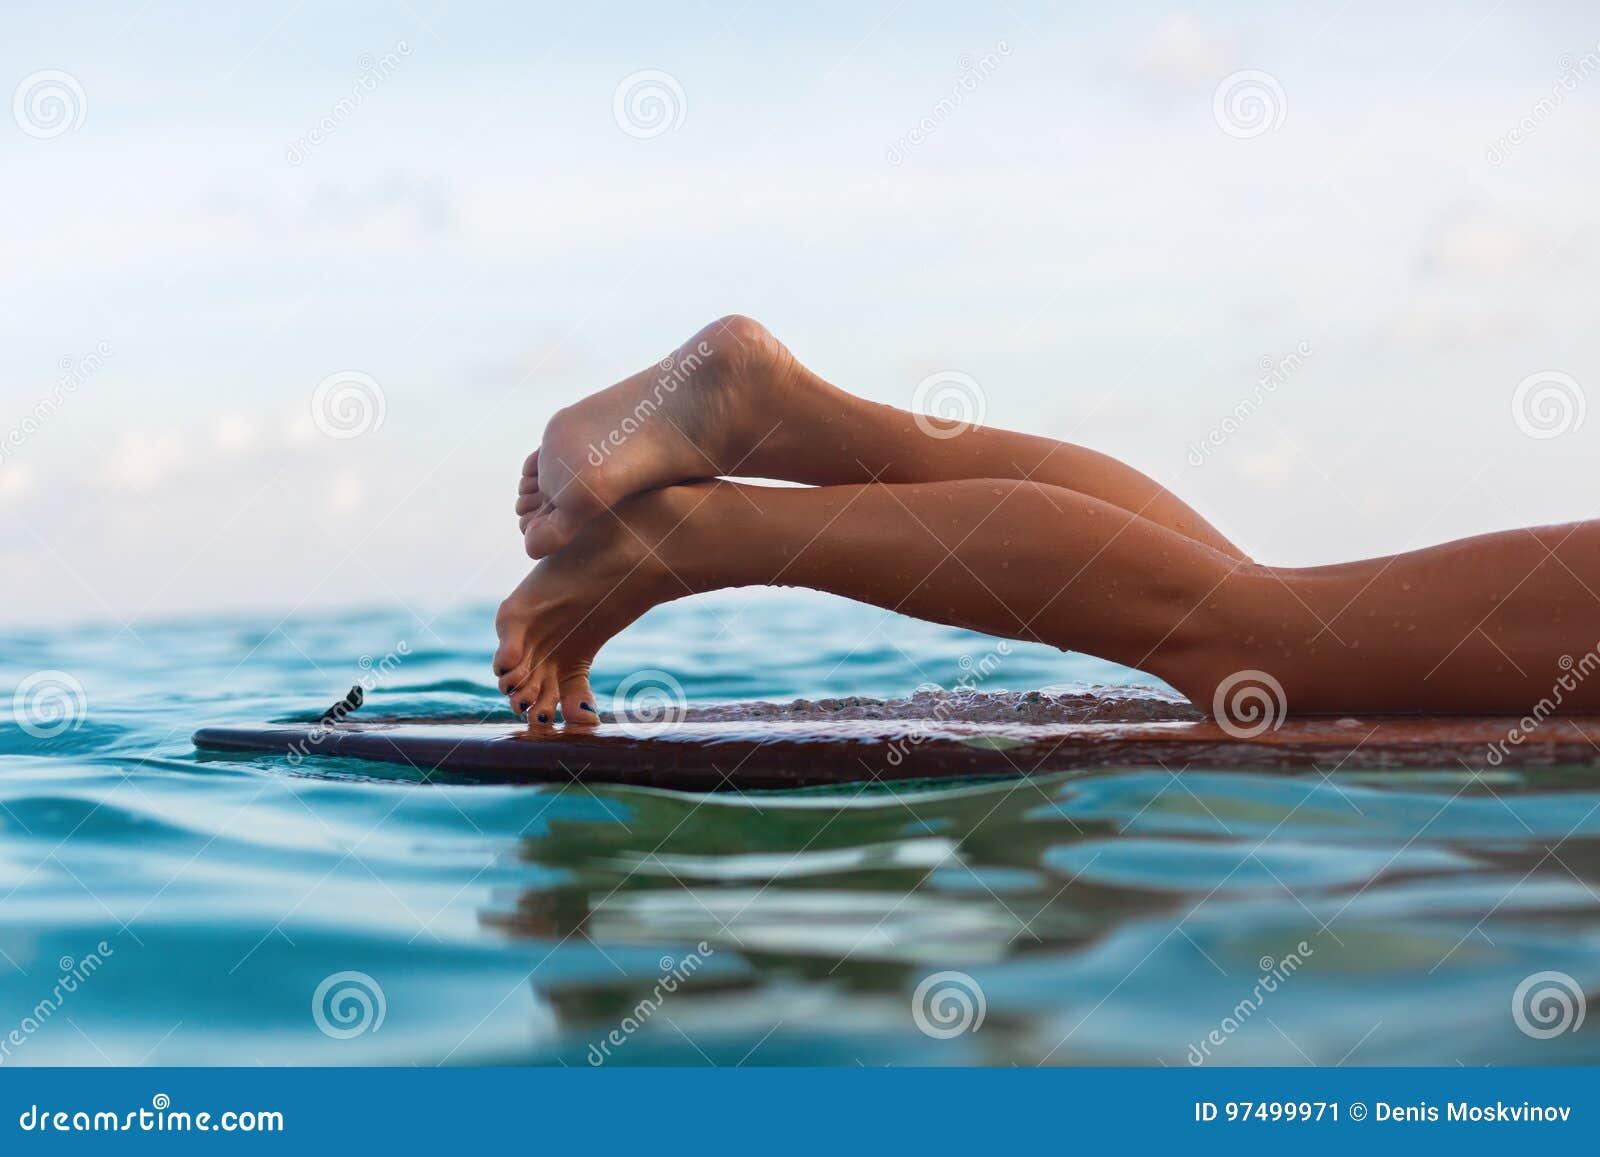 Surfermeisje die op surfplank liggen